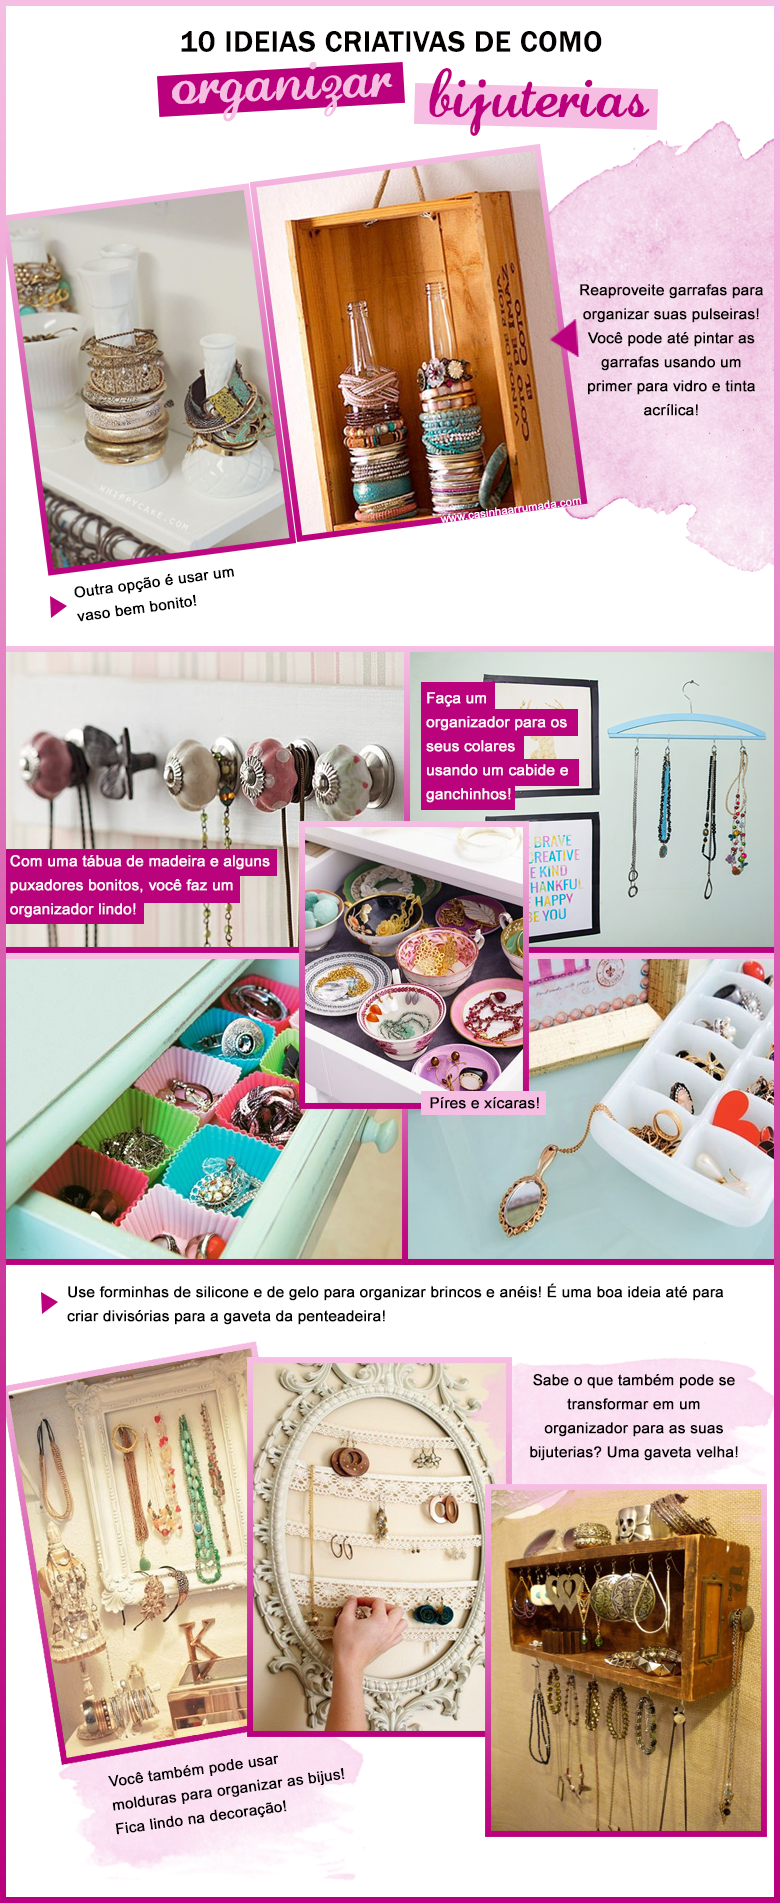 ideias-criativas-de-como-organizar-bijuterias-1